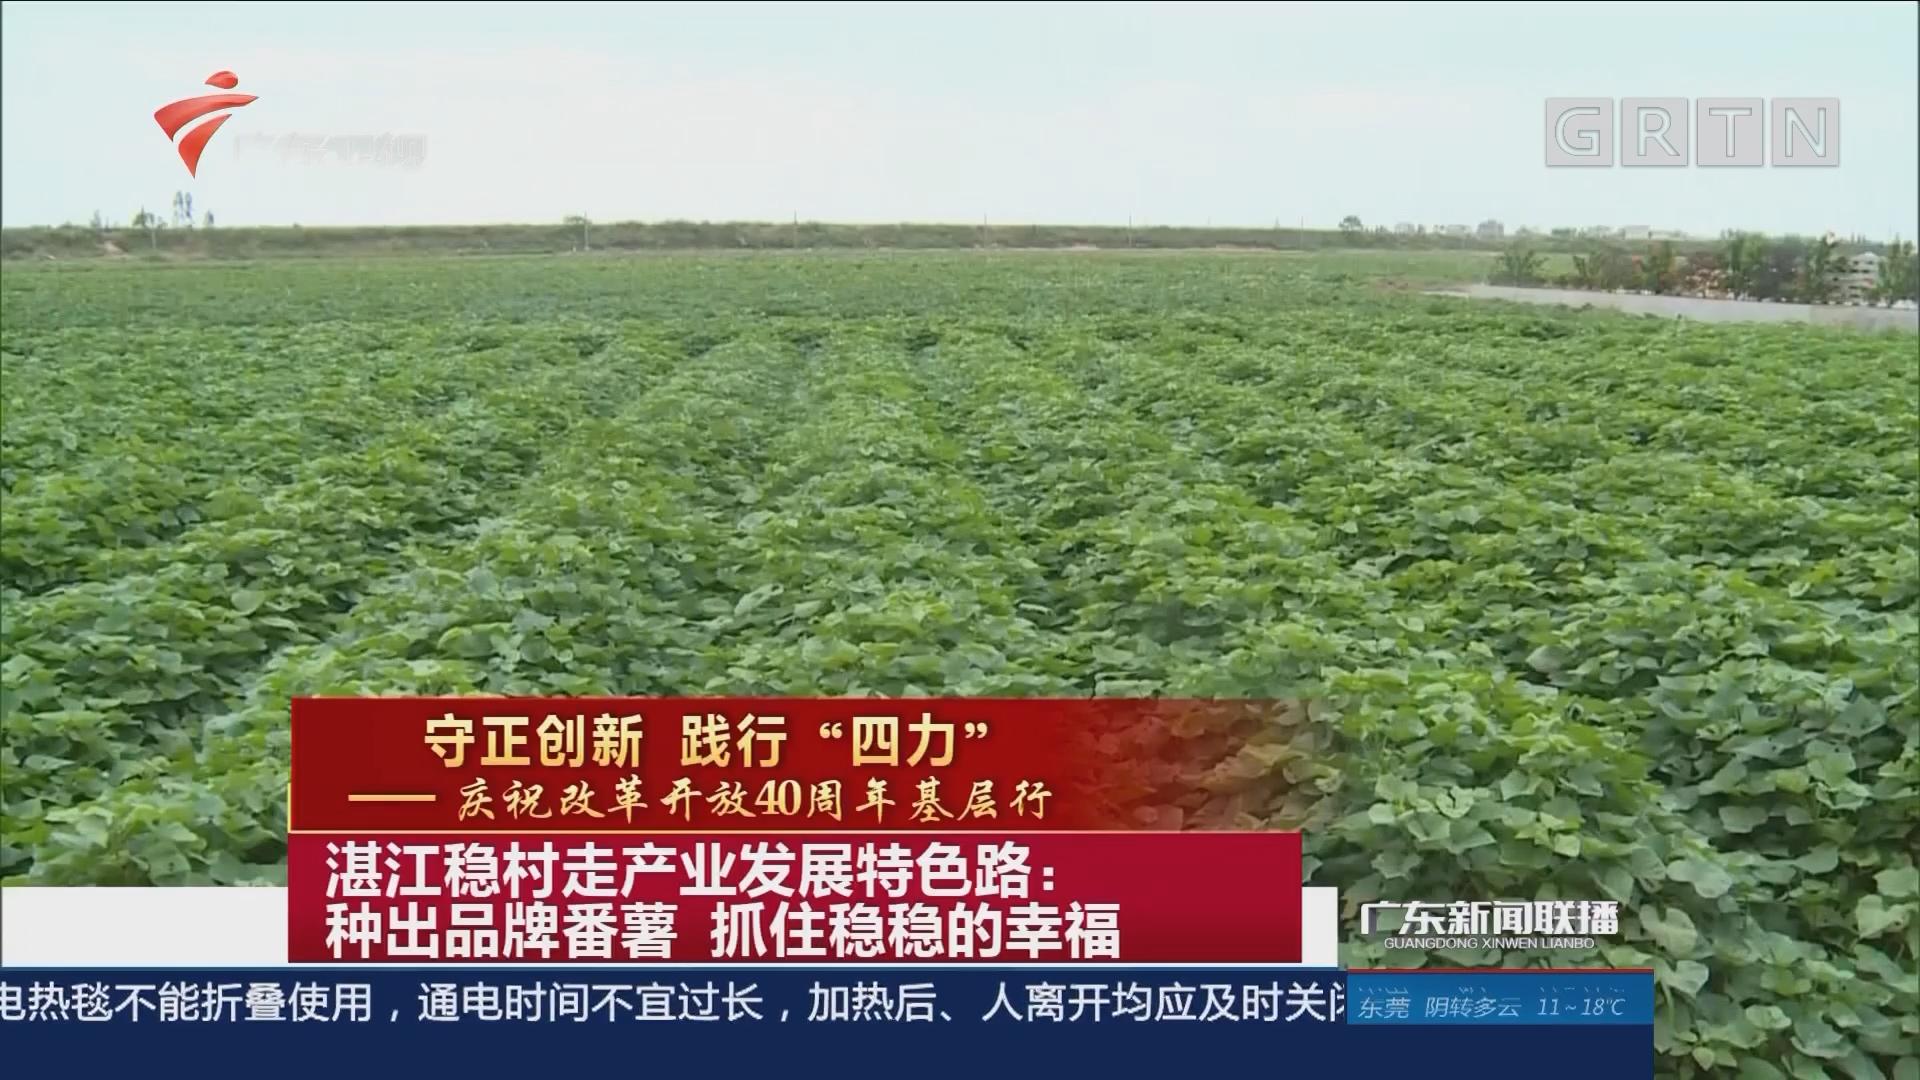 湛江稳村走产业发展特色路:种出品牌番薯 抓住稳稳的幸福